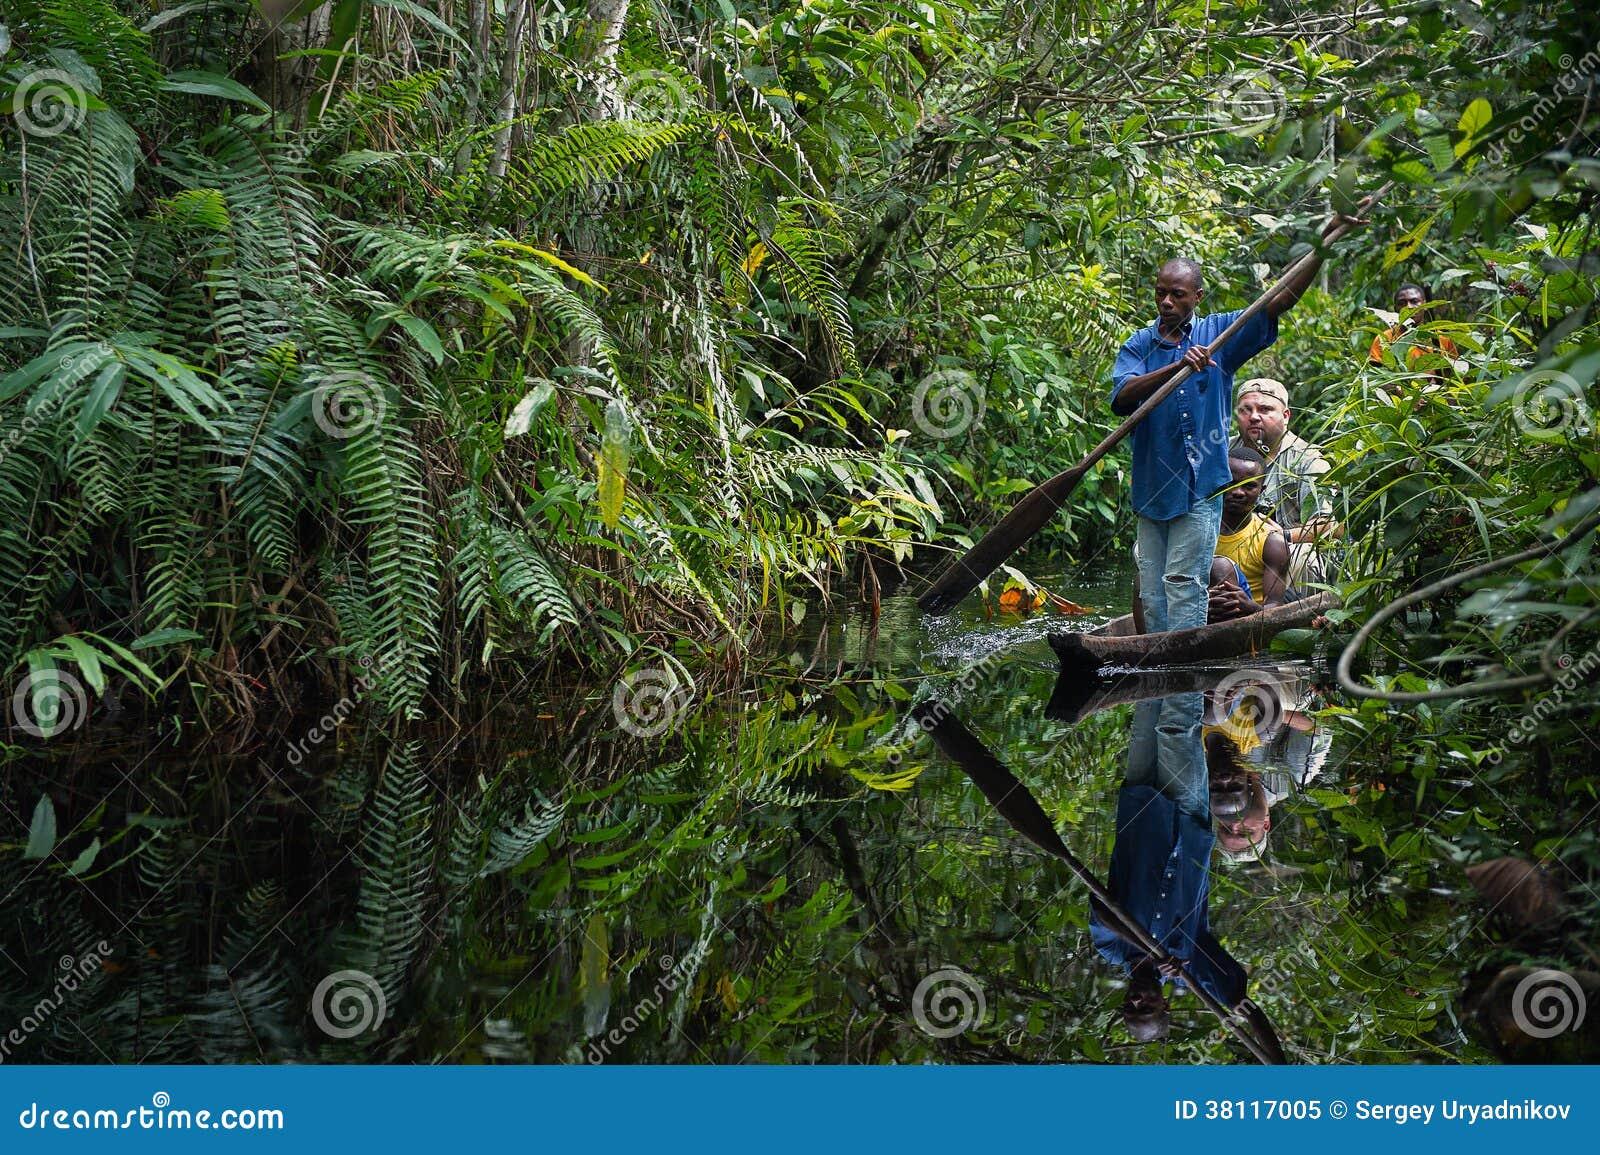 Le photographe de touristes blanc voyage sur une pirogue.